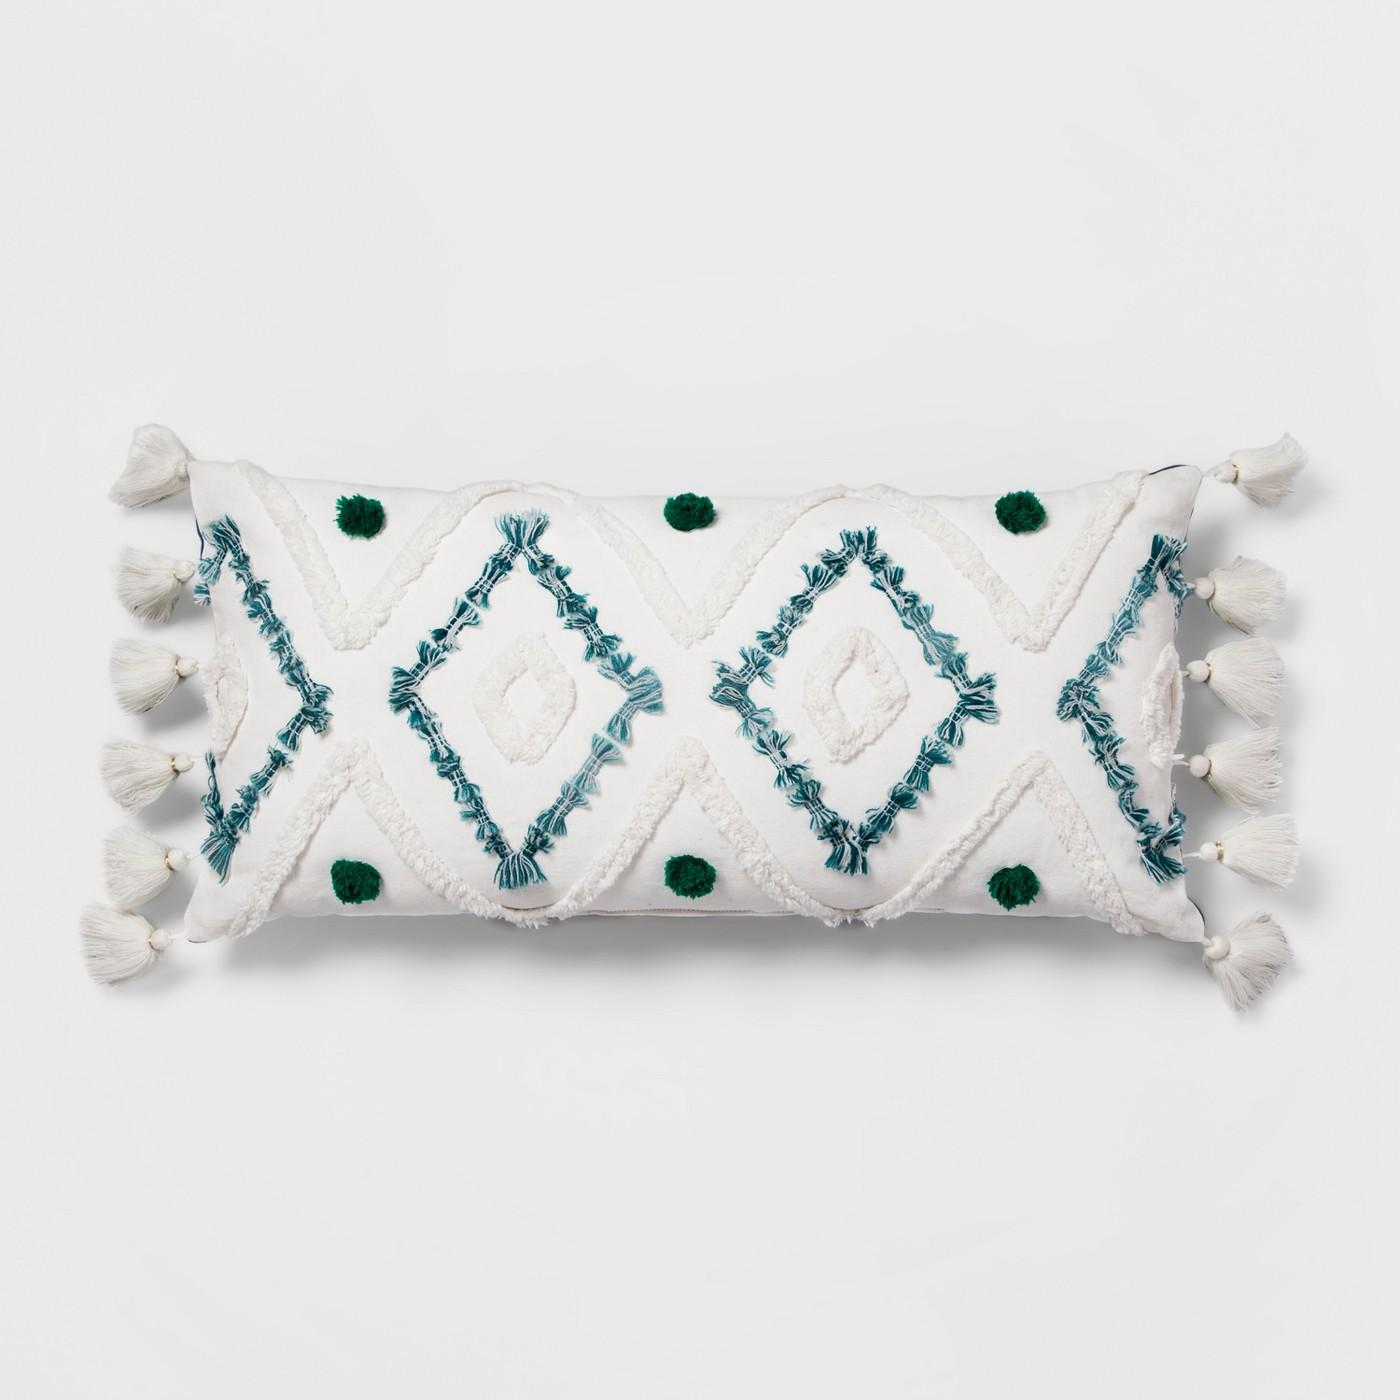 Target - Diamond Tufted Lumbar Pillow - Opalhouse™